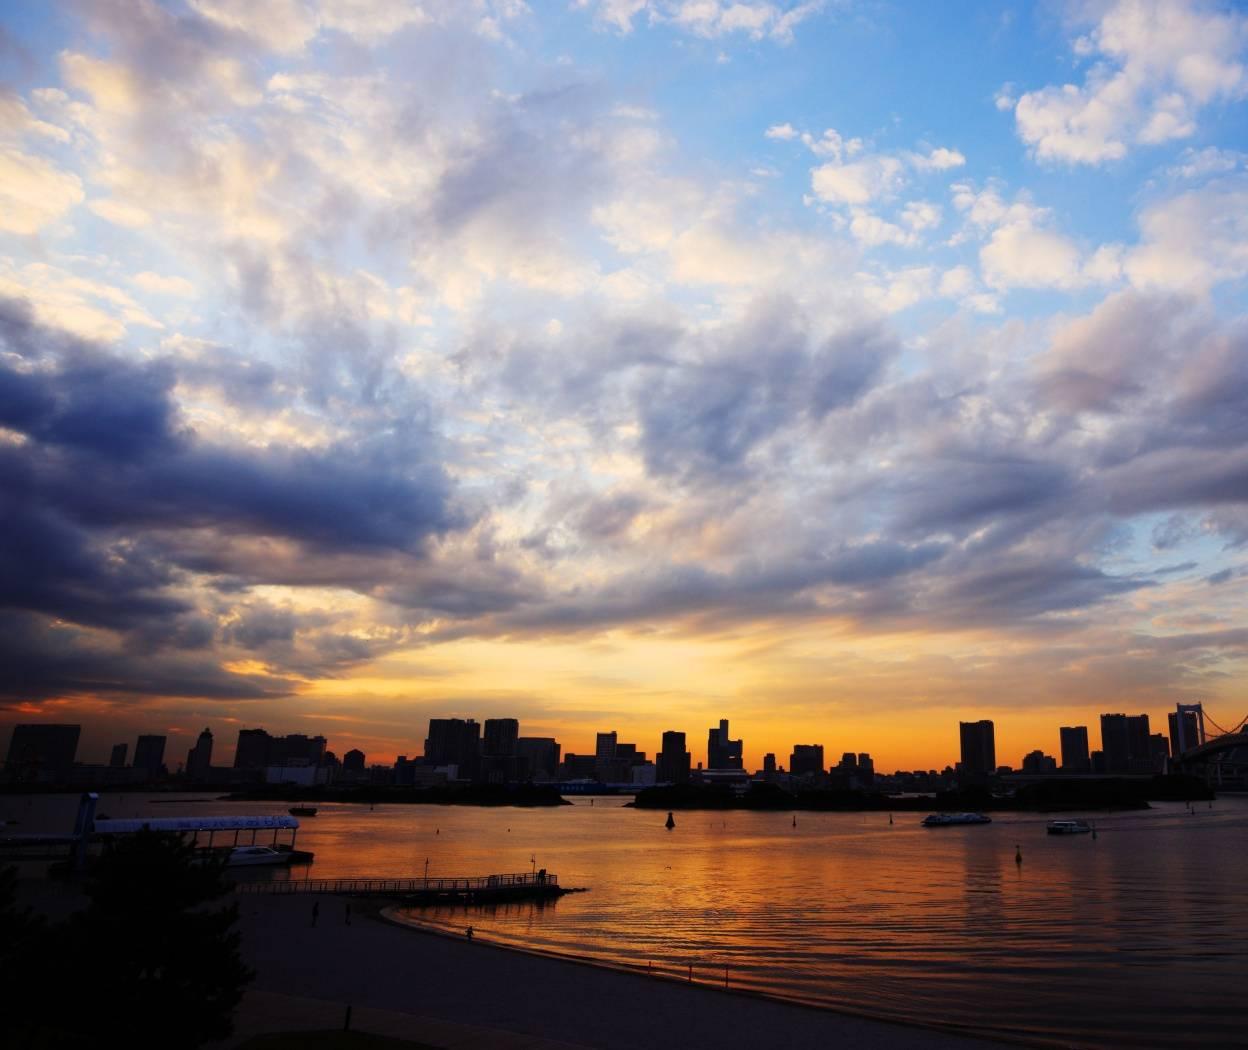 Tokyo At Sunset Hd